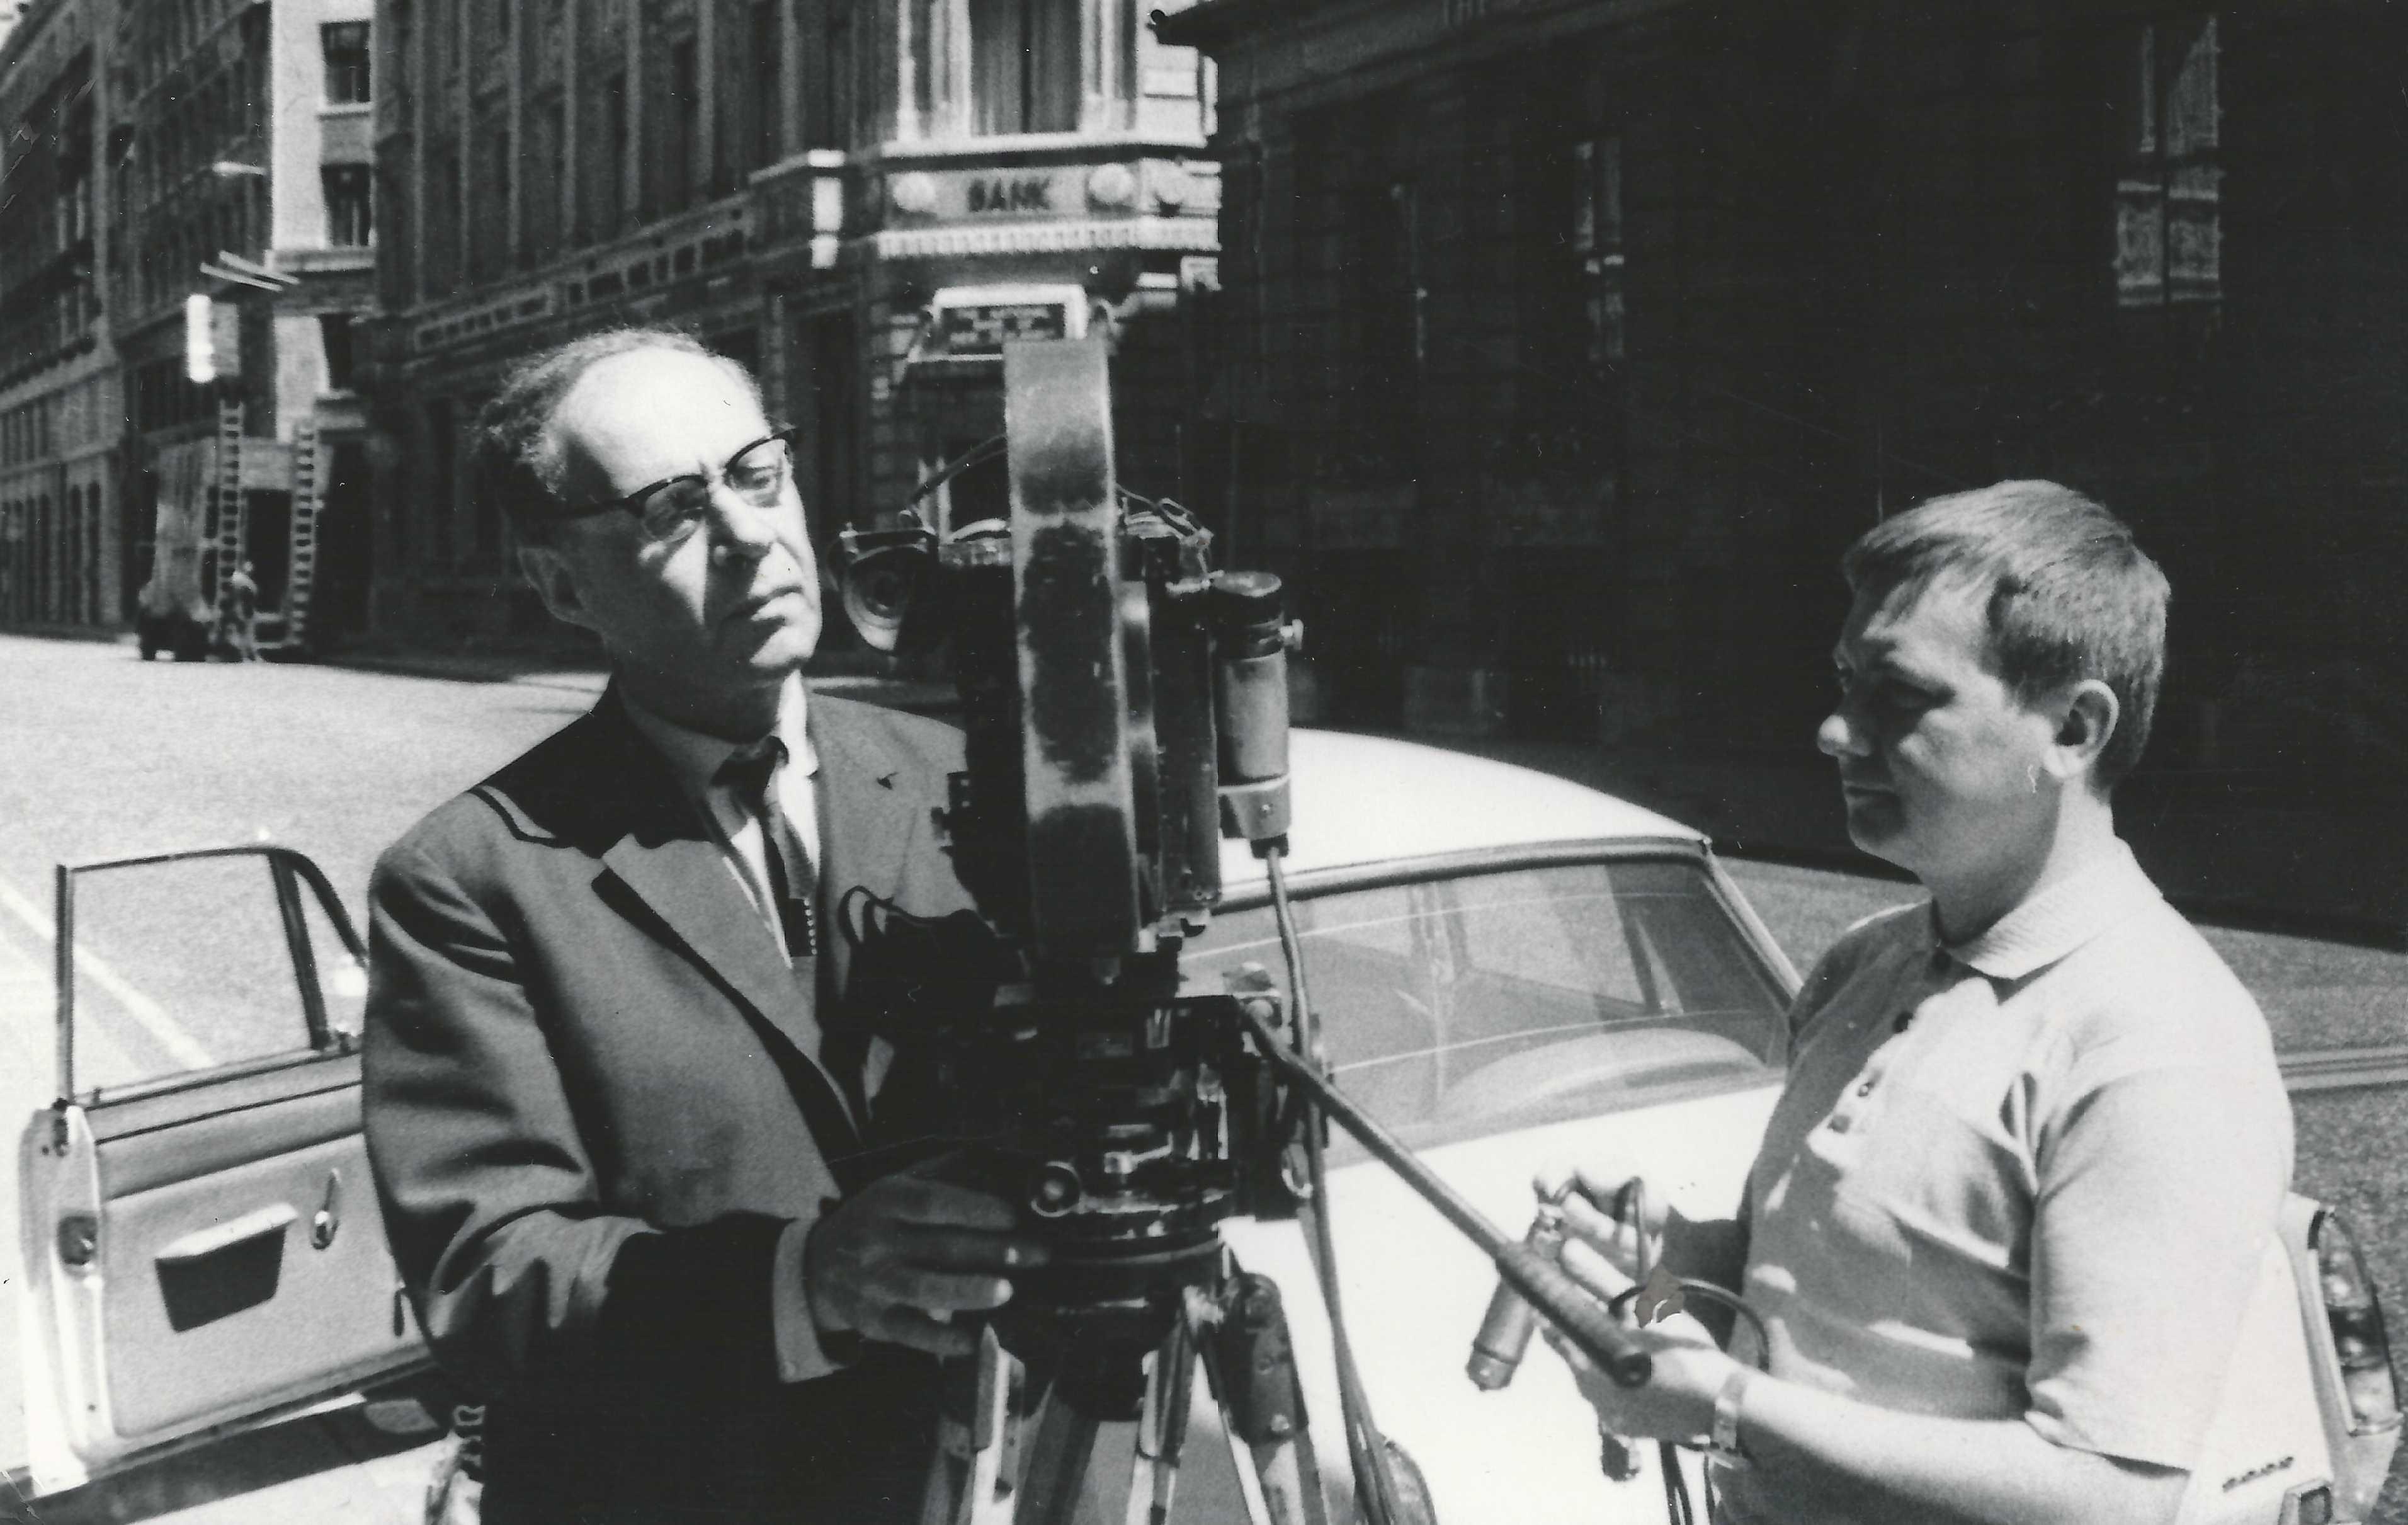 Экспонат #5. С оператором А. Левитаном. Лондон. 1968 год